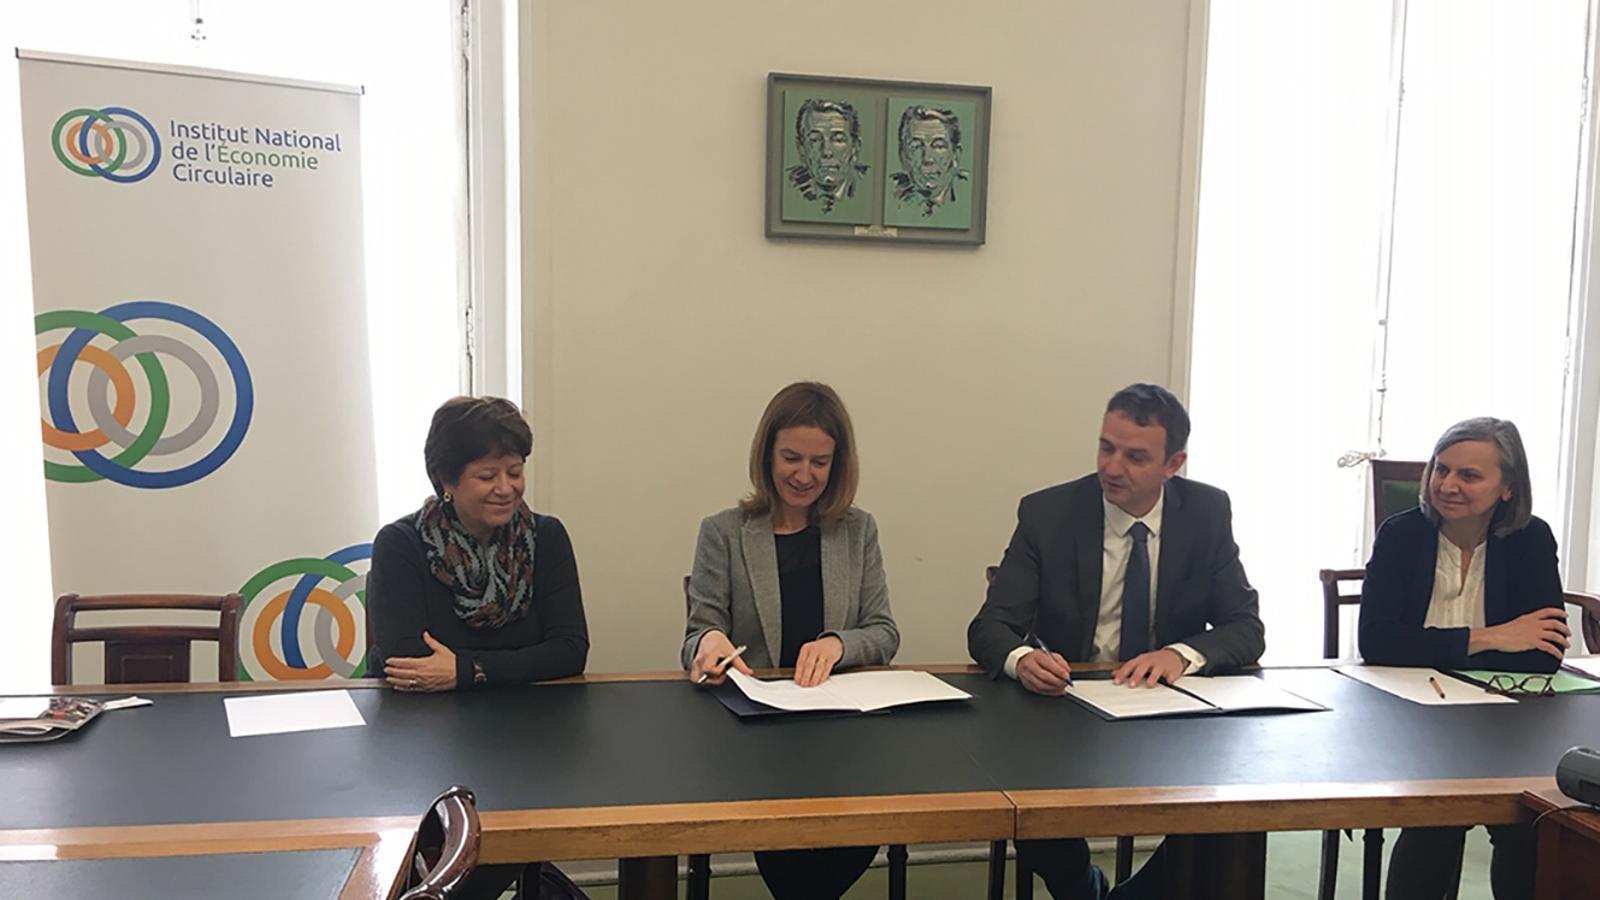 D'esquerra a dreta, l'ambaixadora d'Andorra a França, Cristina Rodríguez; la ministra de Medi Ambient i Sostenibilitat, Sílvia Calvó; el president de l'Institut d'Economia Circular de França, François-Michel Lambert, i l'ambaixadora de França a Andorra, Jocelyne Caballero, durant la signatura. / SFG